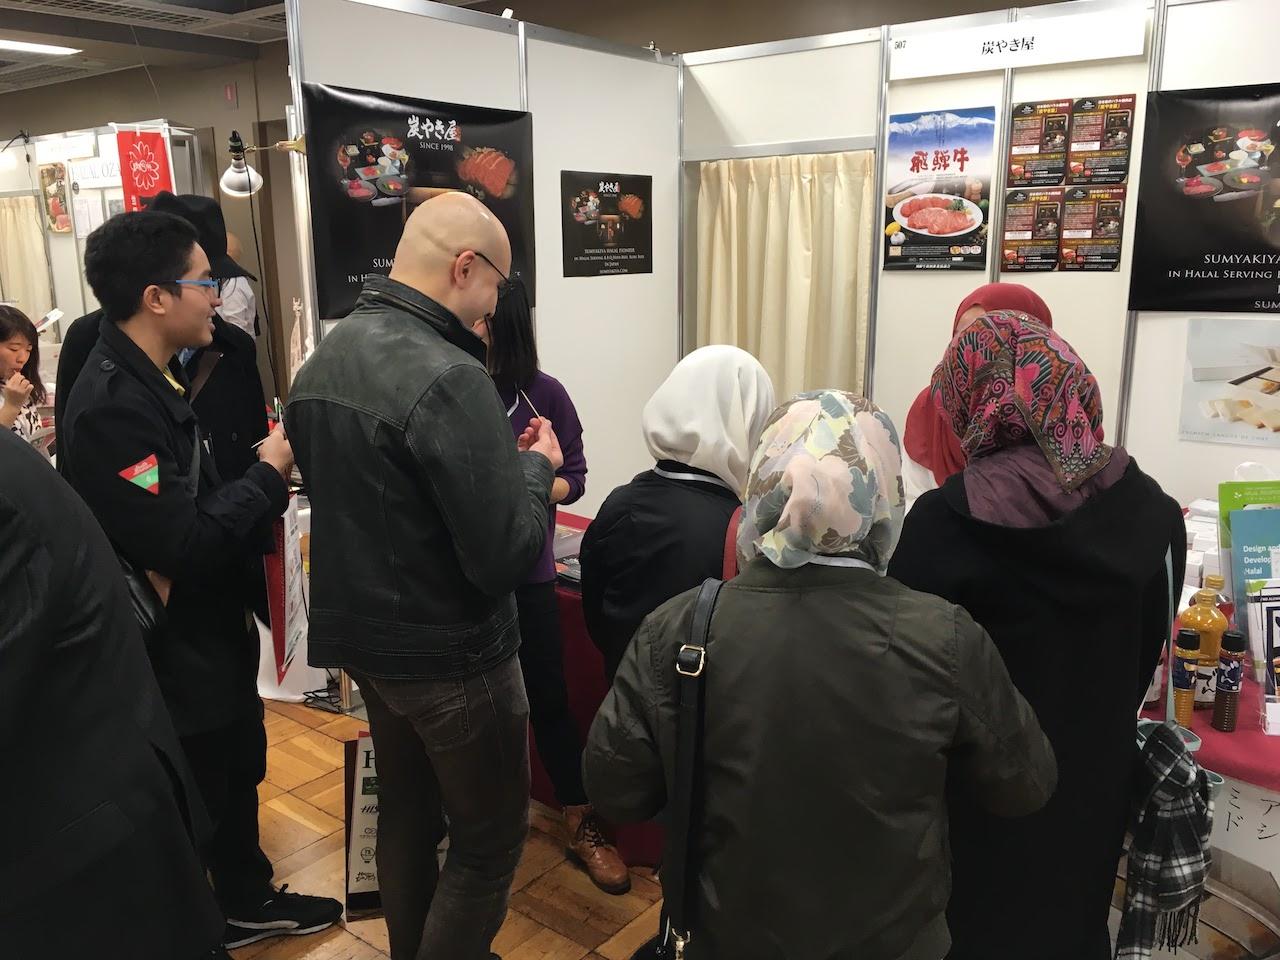 東京都主催ビジネスマッチング会参加(ムスリム等外国人旅行者受け入れ事業者向け)